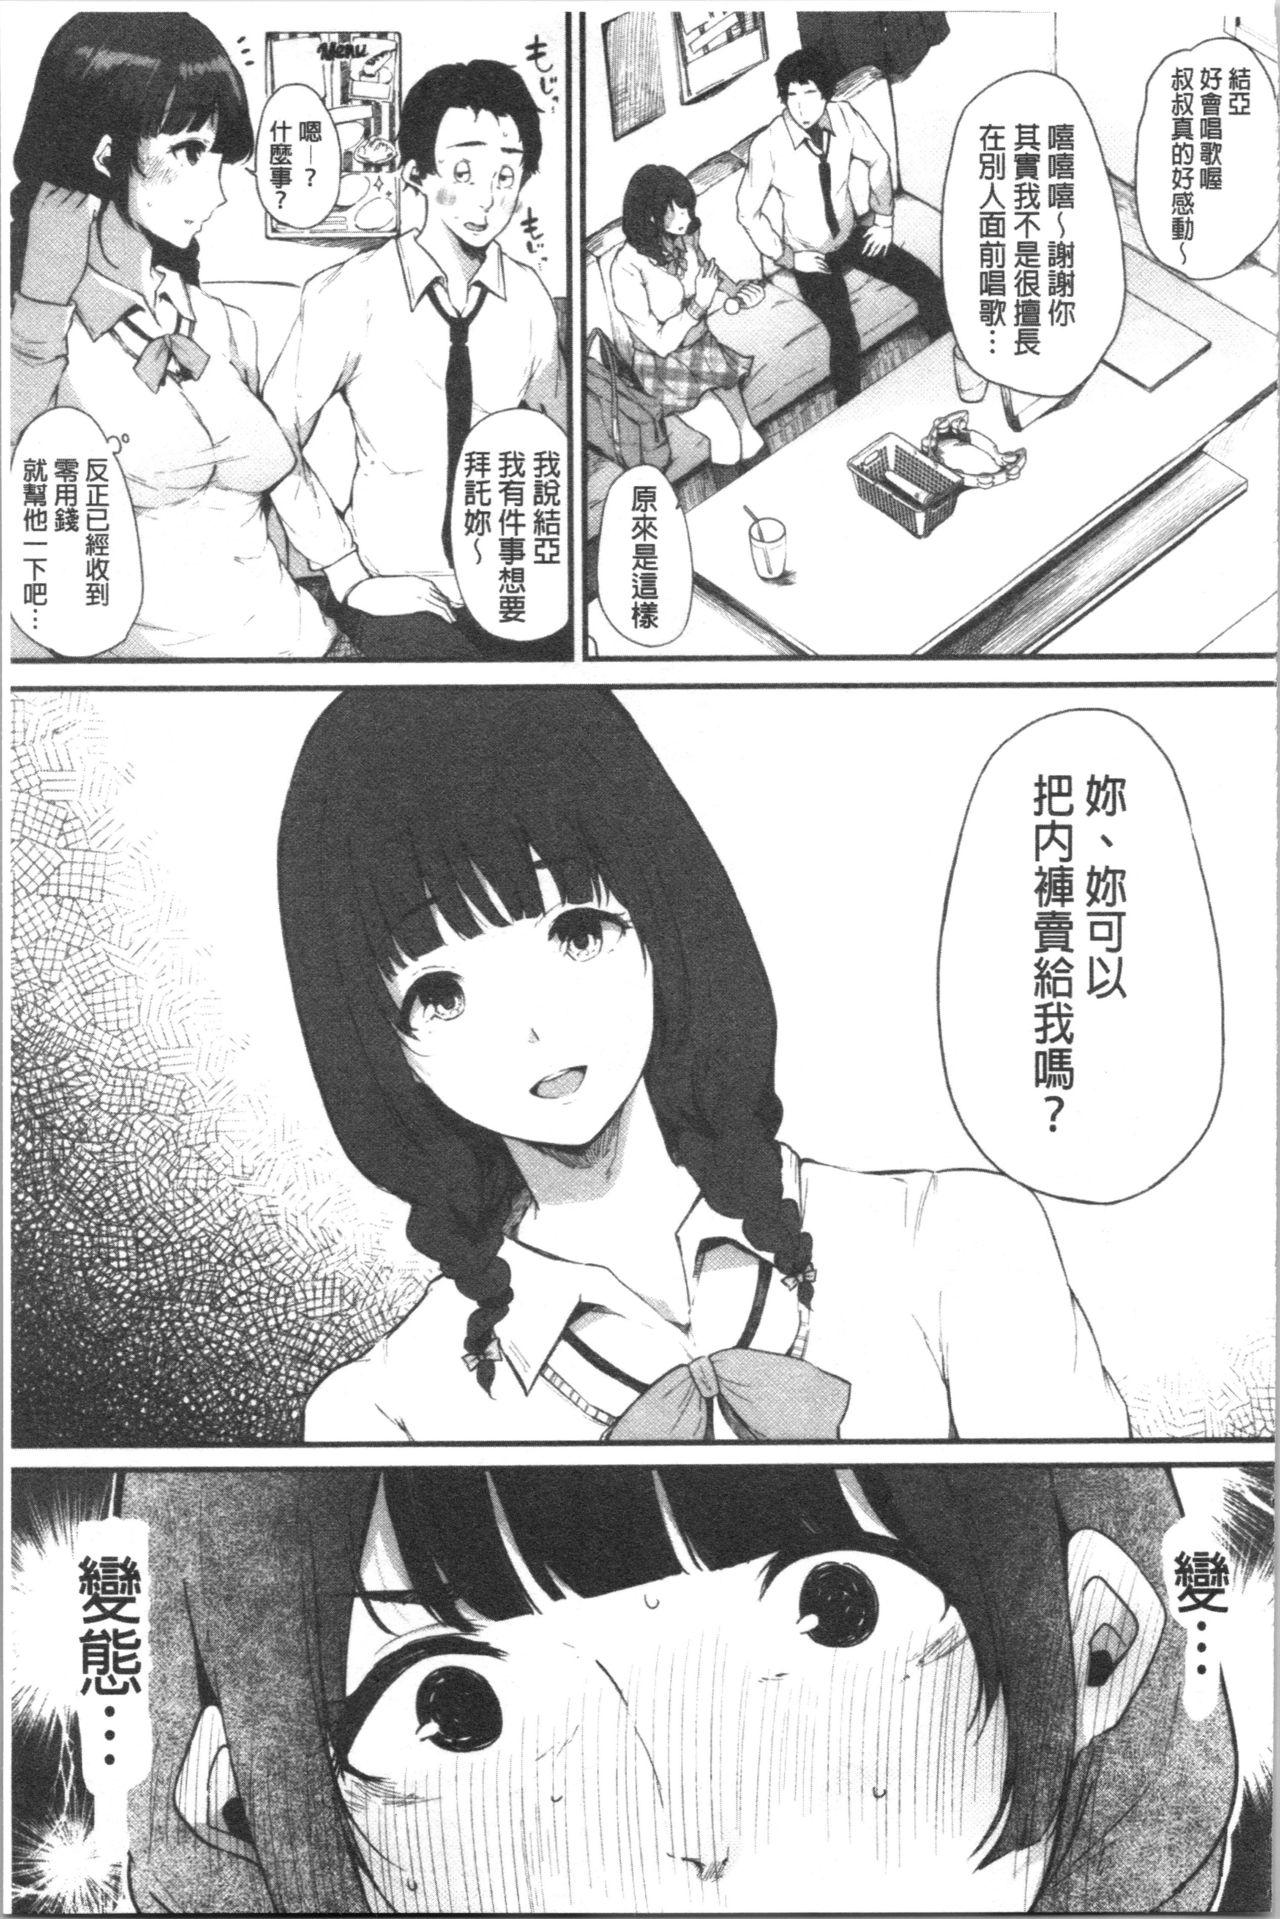 Hametomo Onna Tomodachi ga SeFri-ka shita Hi | 性愛砲友 女友們都變砲友化的日子 84